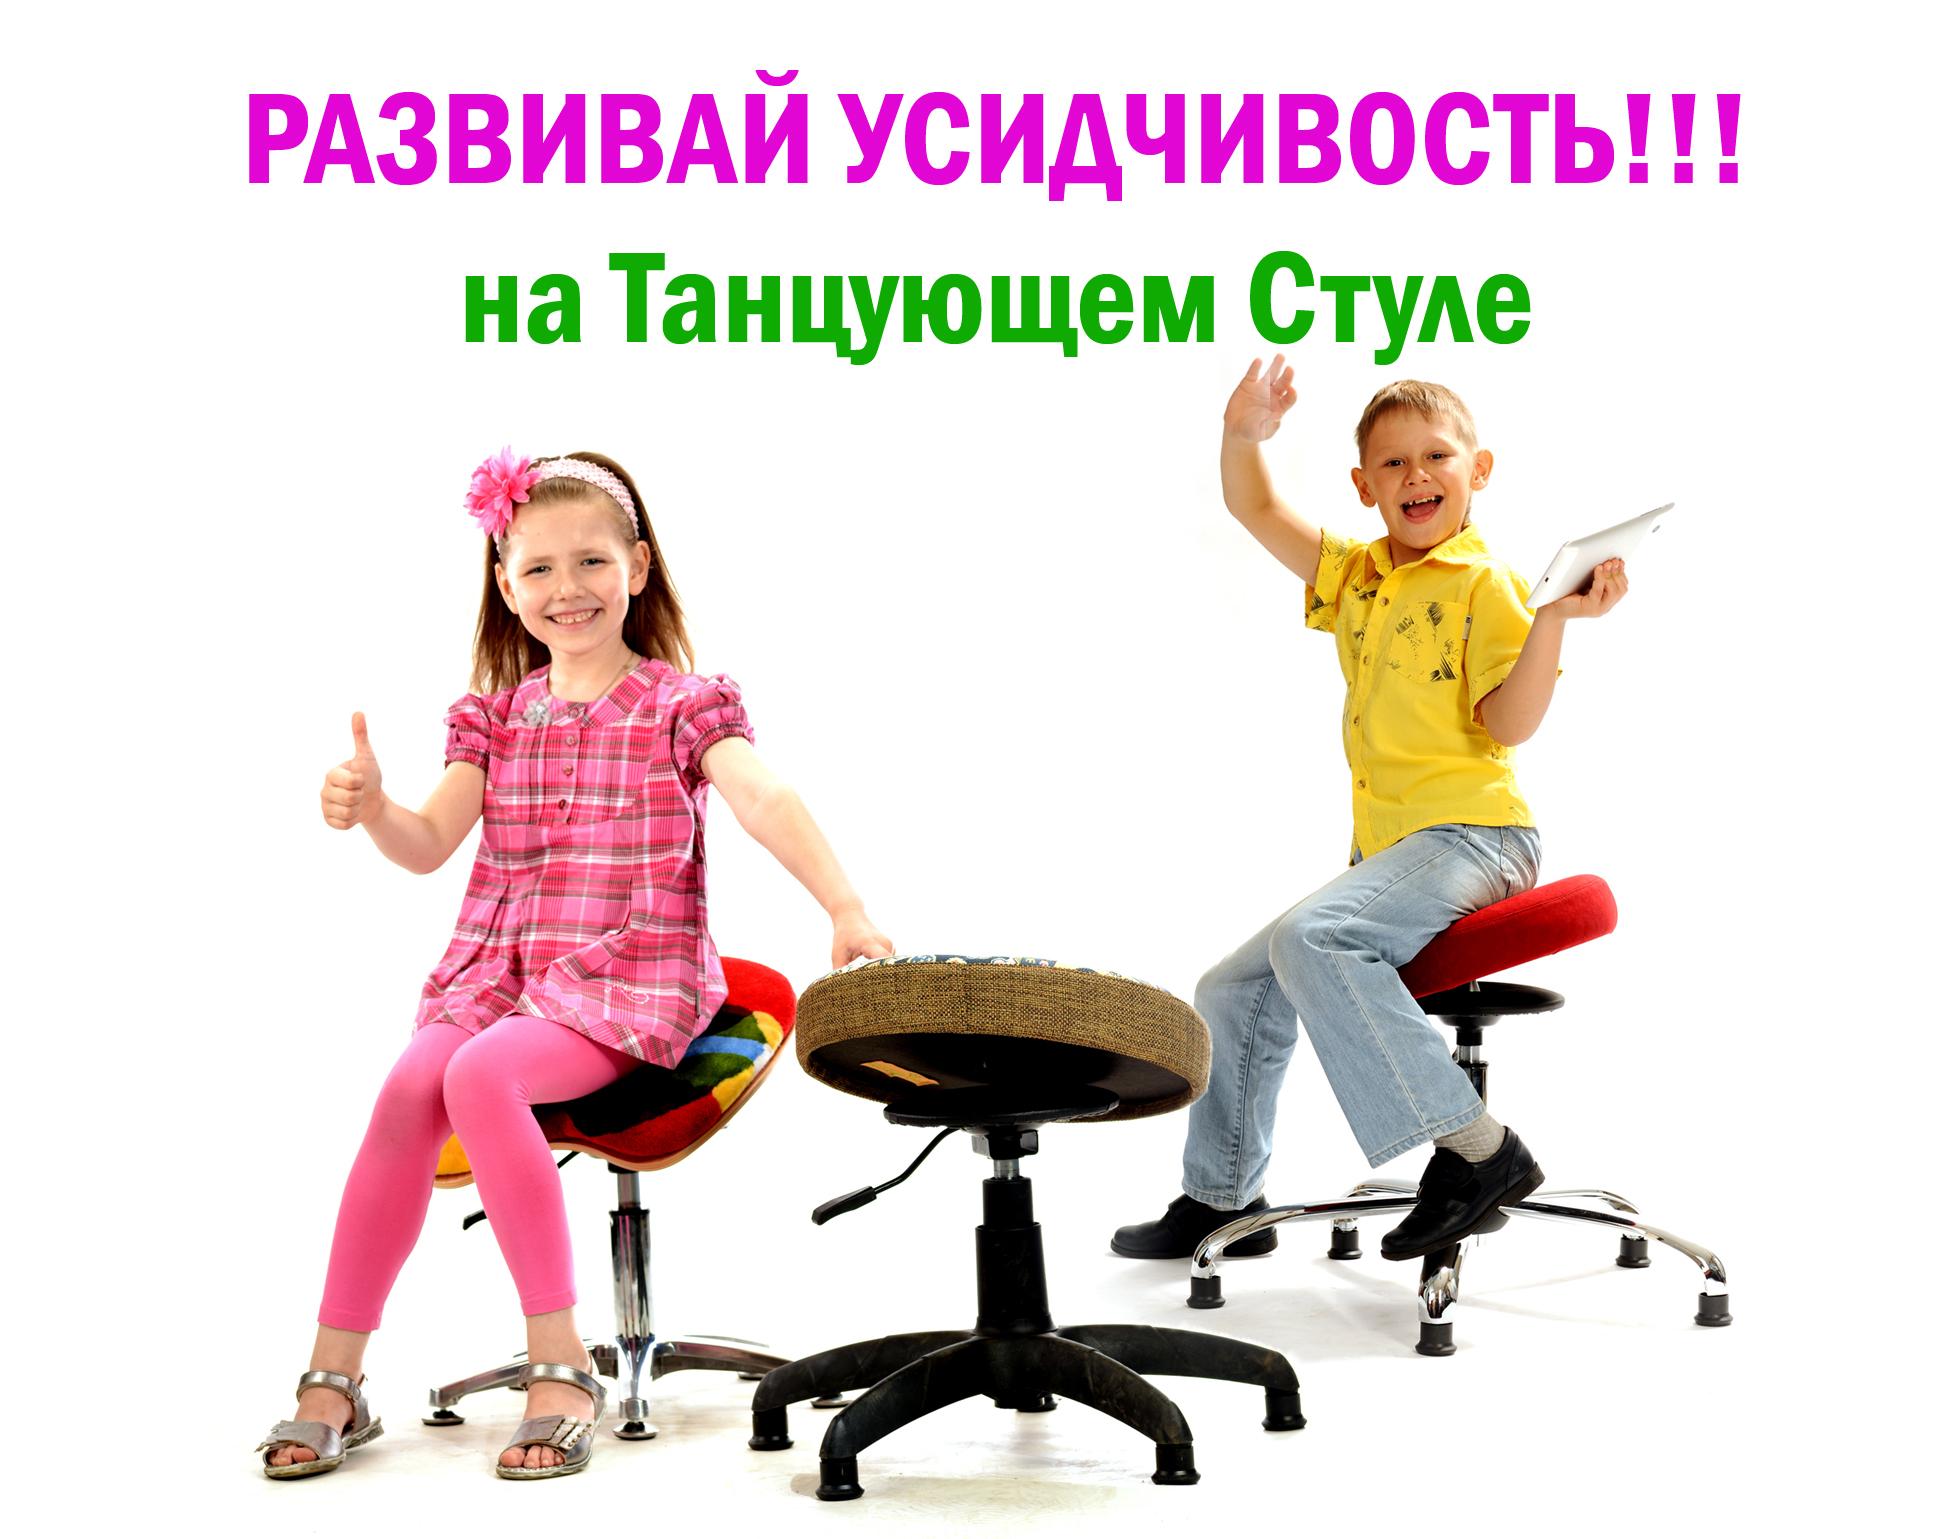 Как развить усидчивость ребенка? Ответ прост-на Танцующем Стуле